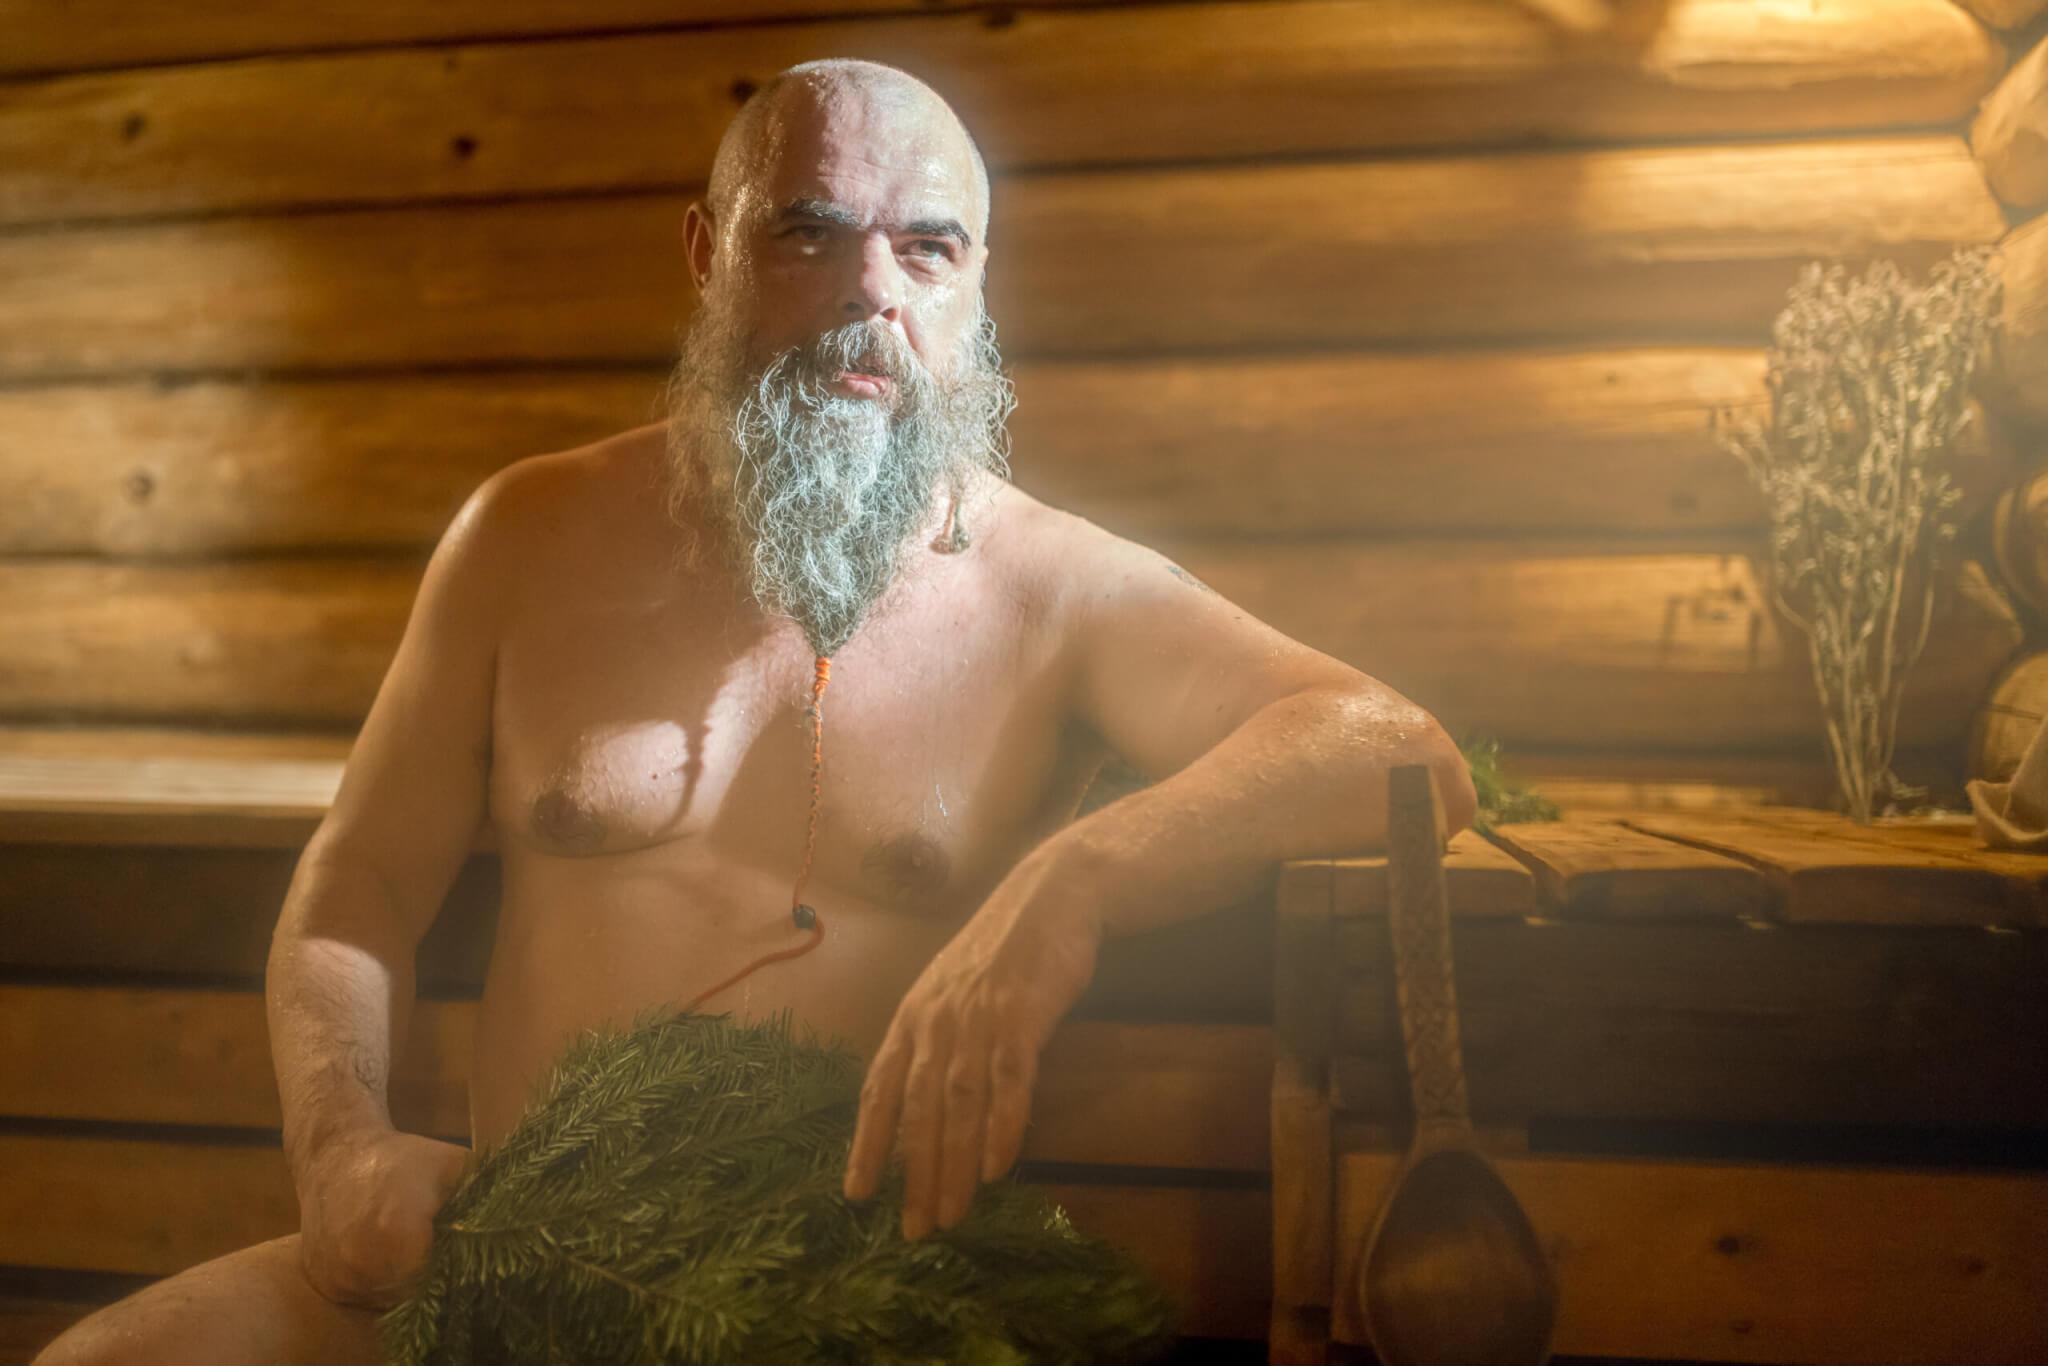 Sauna Rusland met takkenbos BlootGewoon!